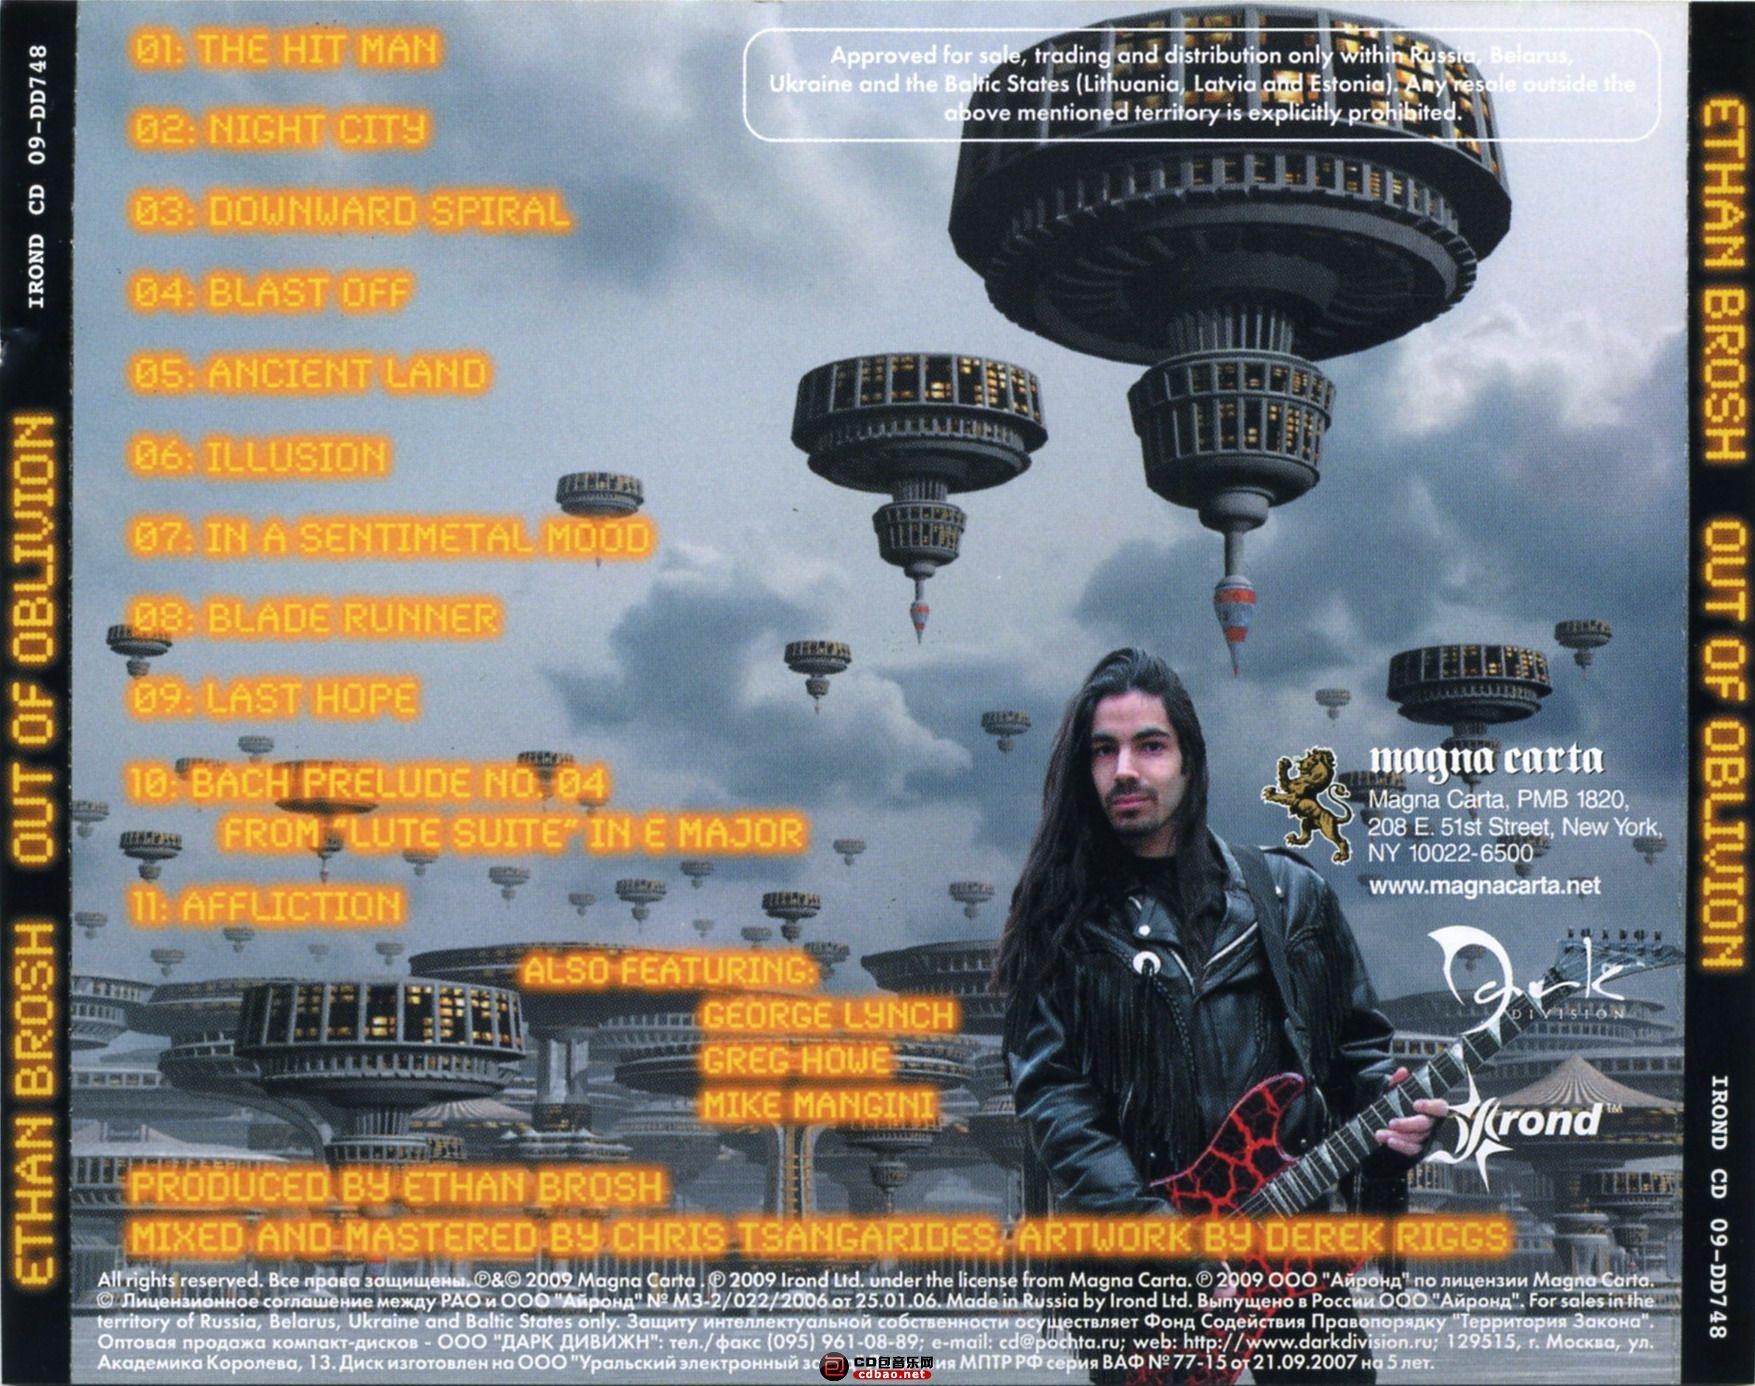 Ethan Brosh - Out Of Oblivion 005.jpg